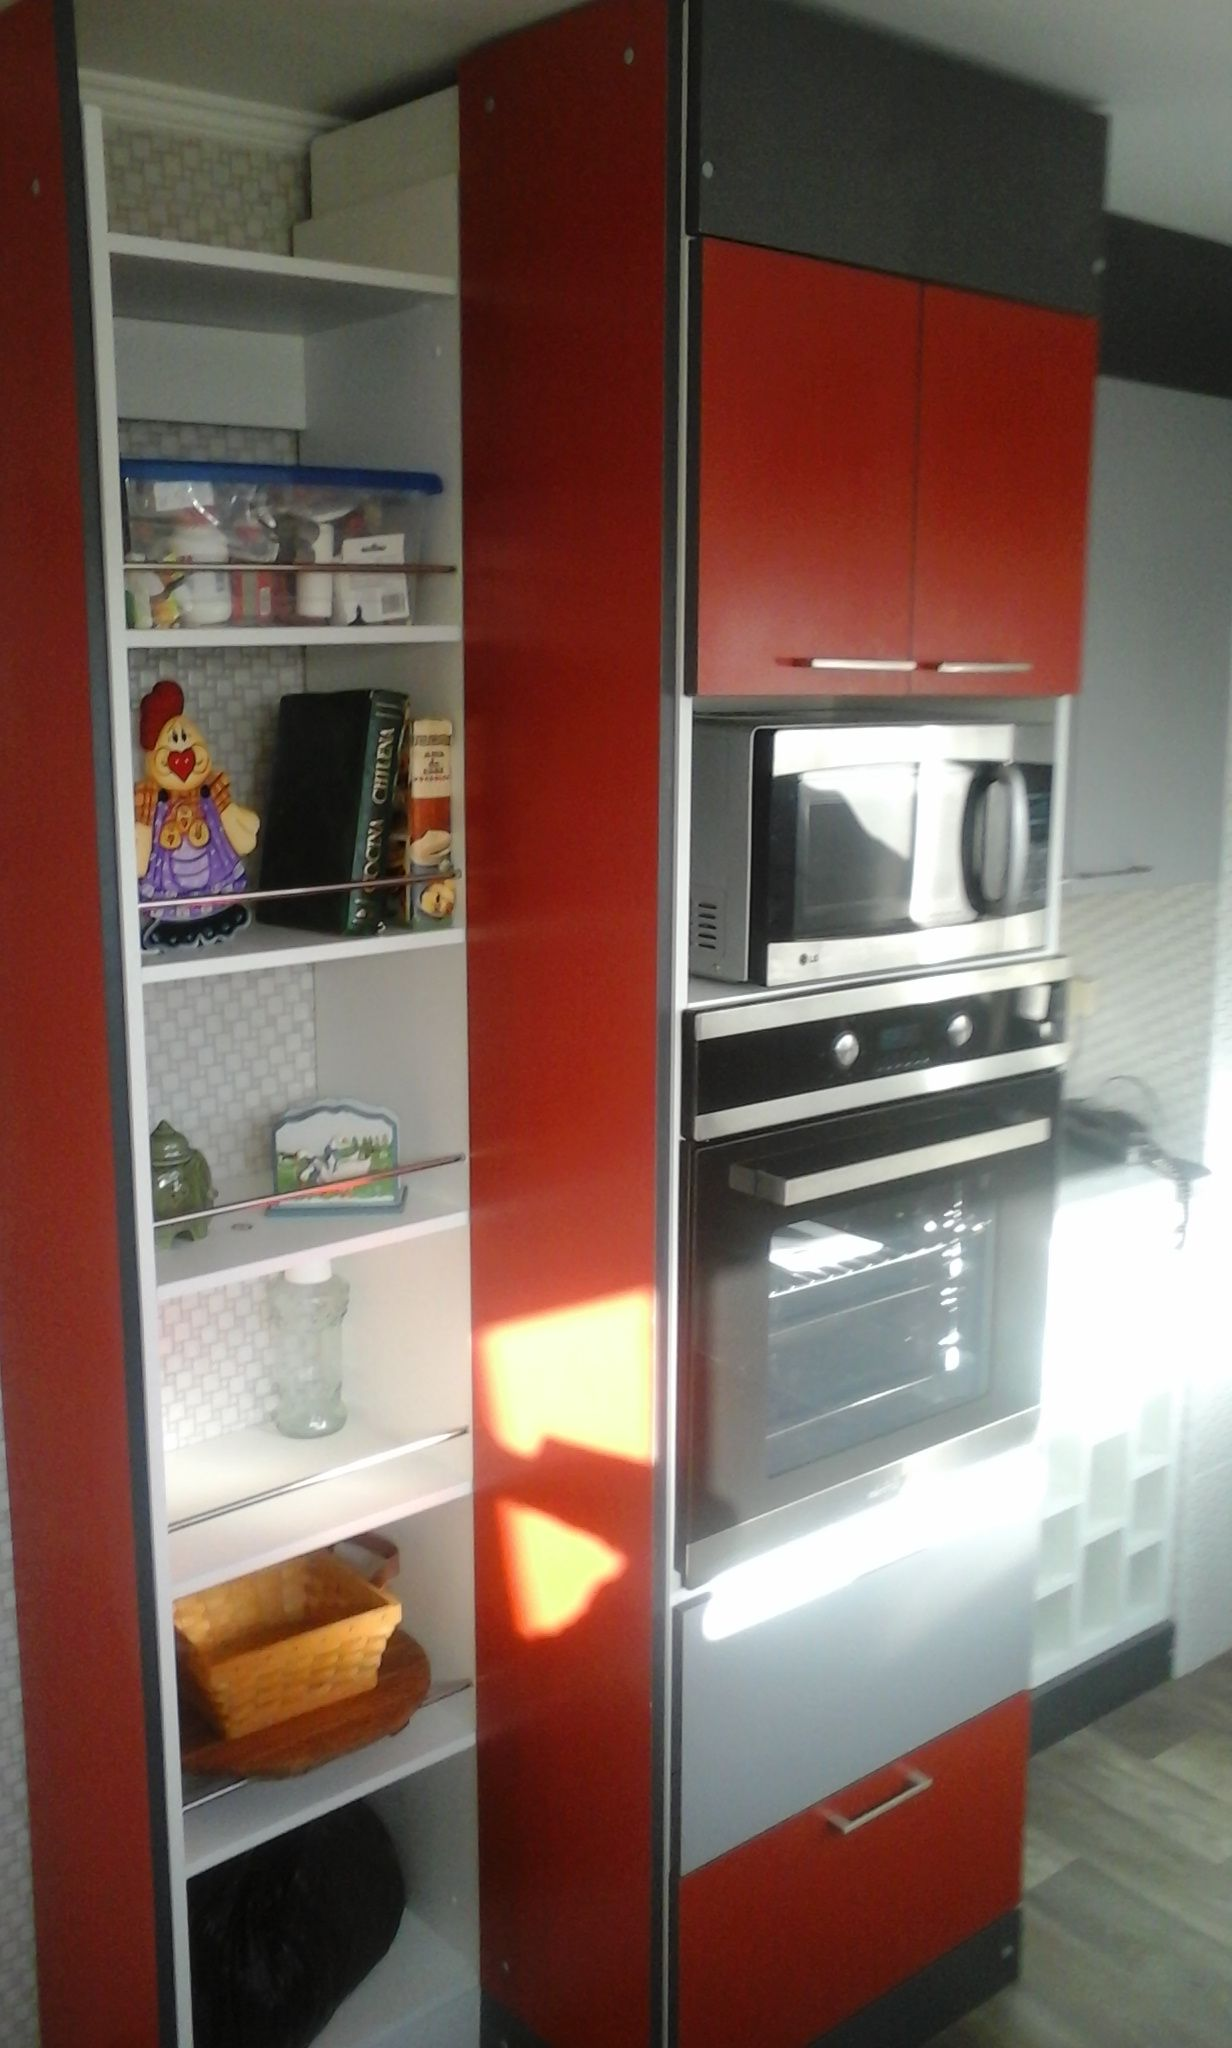 Mueble Para Horno Eléctrico Y Microondas Melamina Tono Rojo Colonial Gris Grafito Y Alu Remodelación De Cocina Pequeña Cocina Integral Chica Horno De Madera